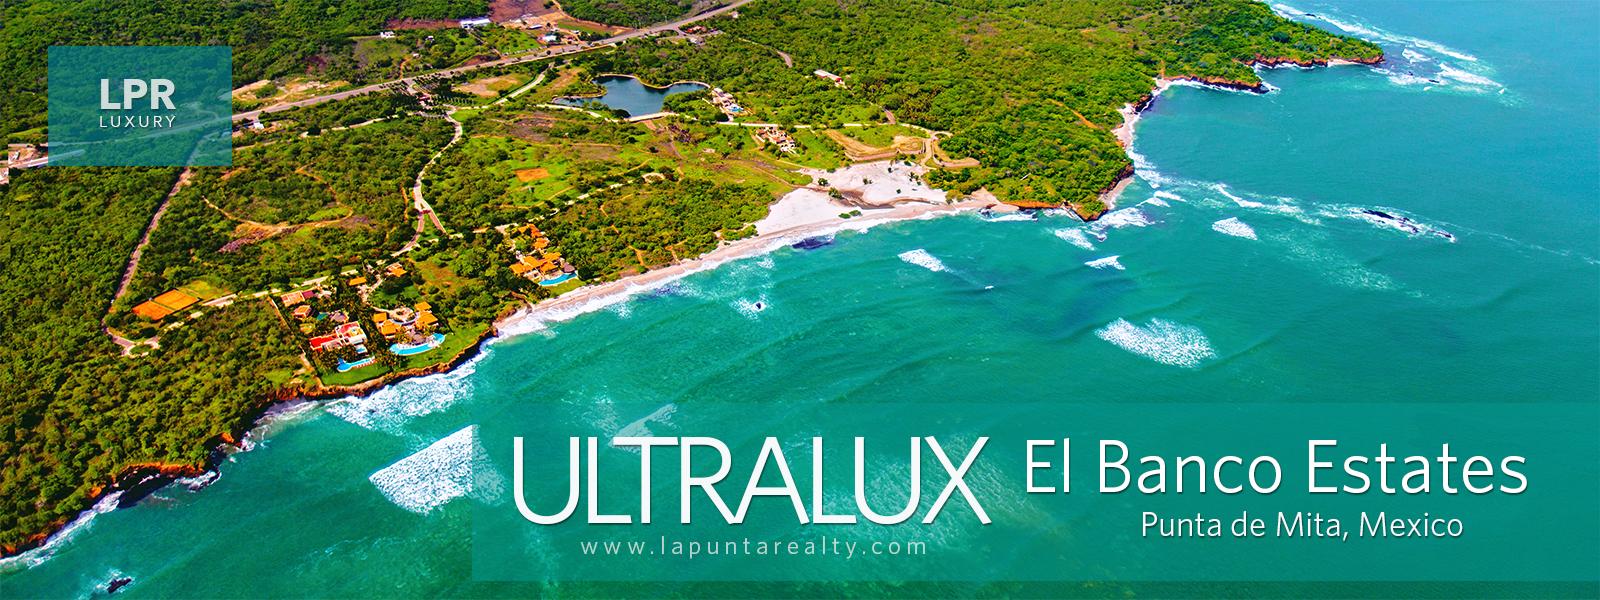 Ultralux El Banco Estates - Punta de Mita Luxury Vacation Rental VIllas